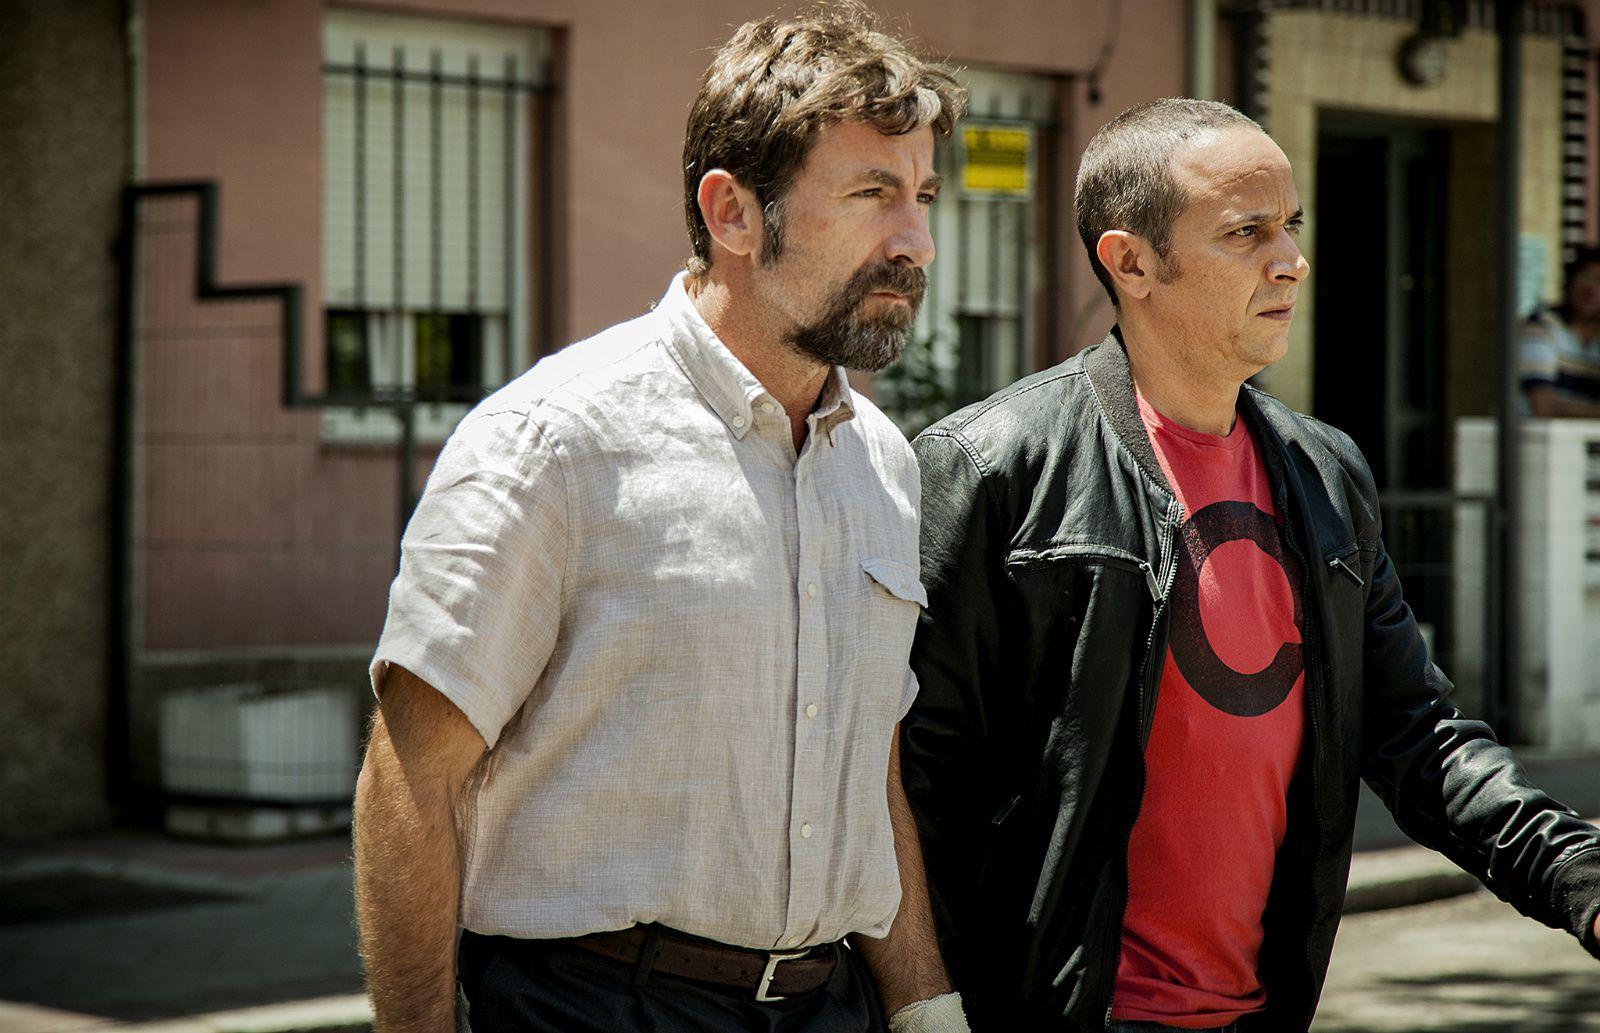 La colère d'un homme patient (BANDE ANNONCE VOST) de Raúl Arévalo - Le 26 avril 2017 au cinéma